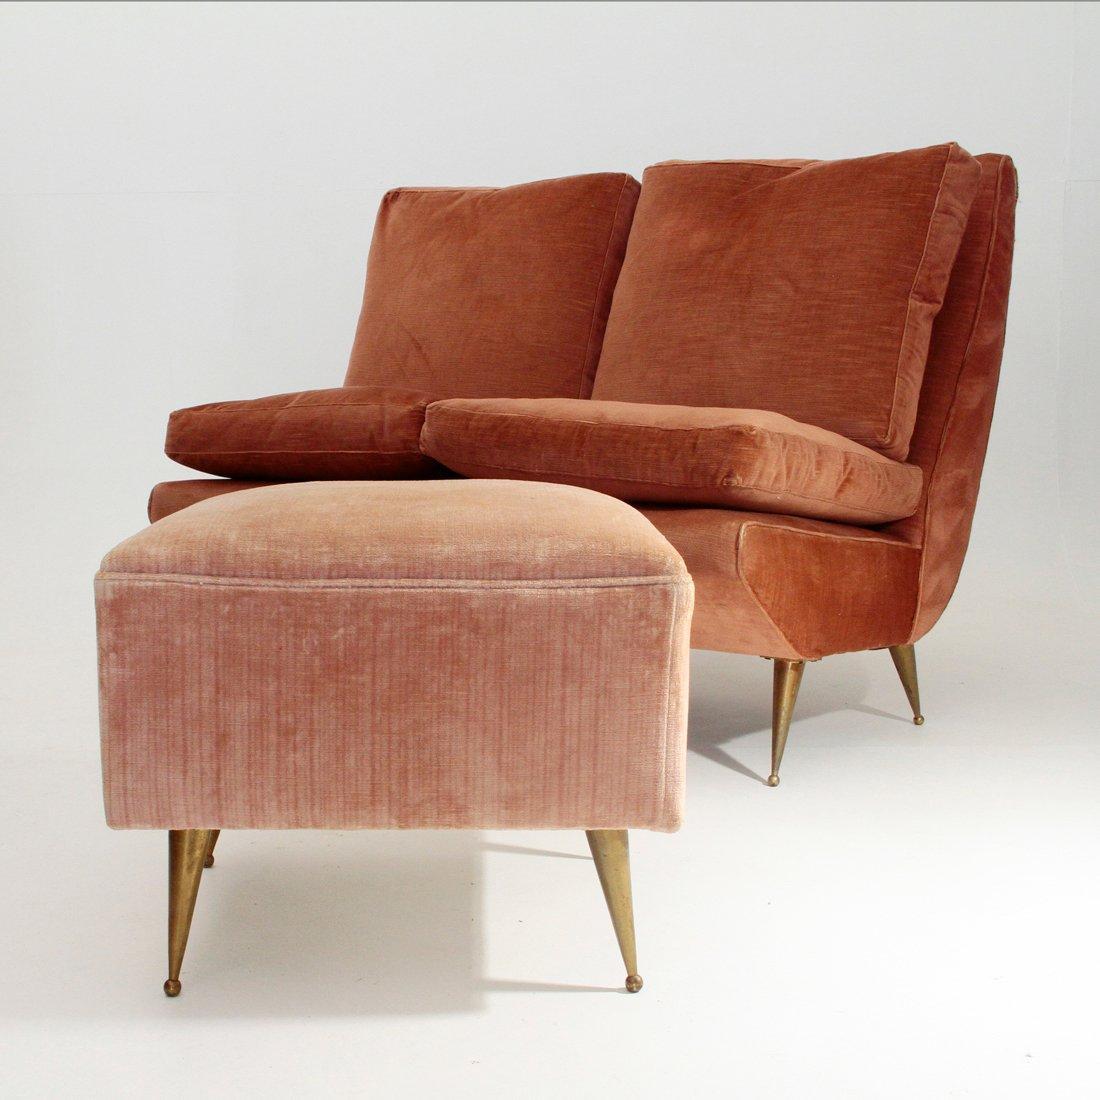 italienisches zweisitzer sofa mit messing beinen 1950er bei pamono kaufen. Black Bedroom Furniture Sets. Home Design Ideas